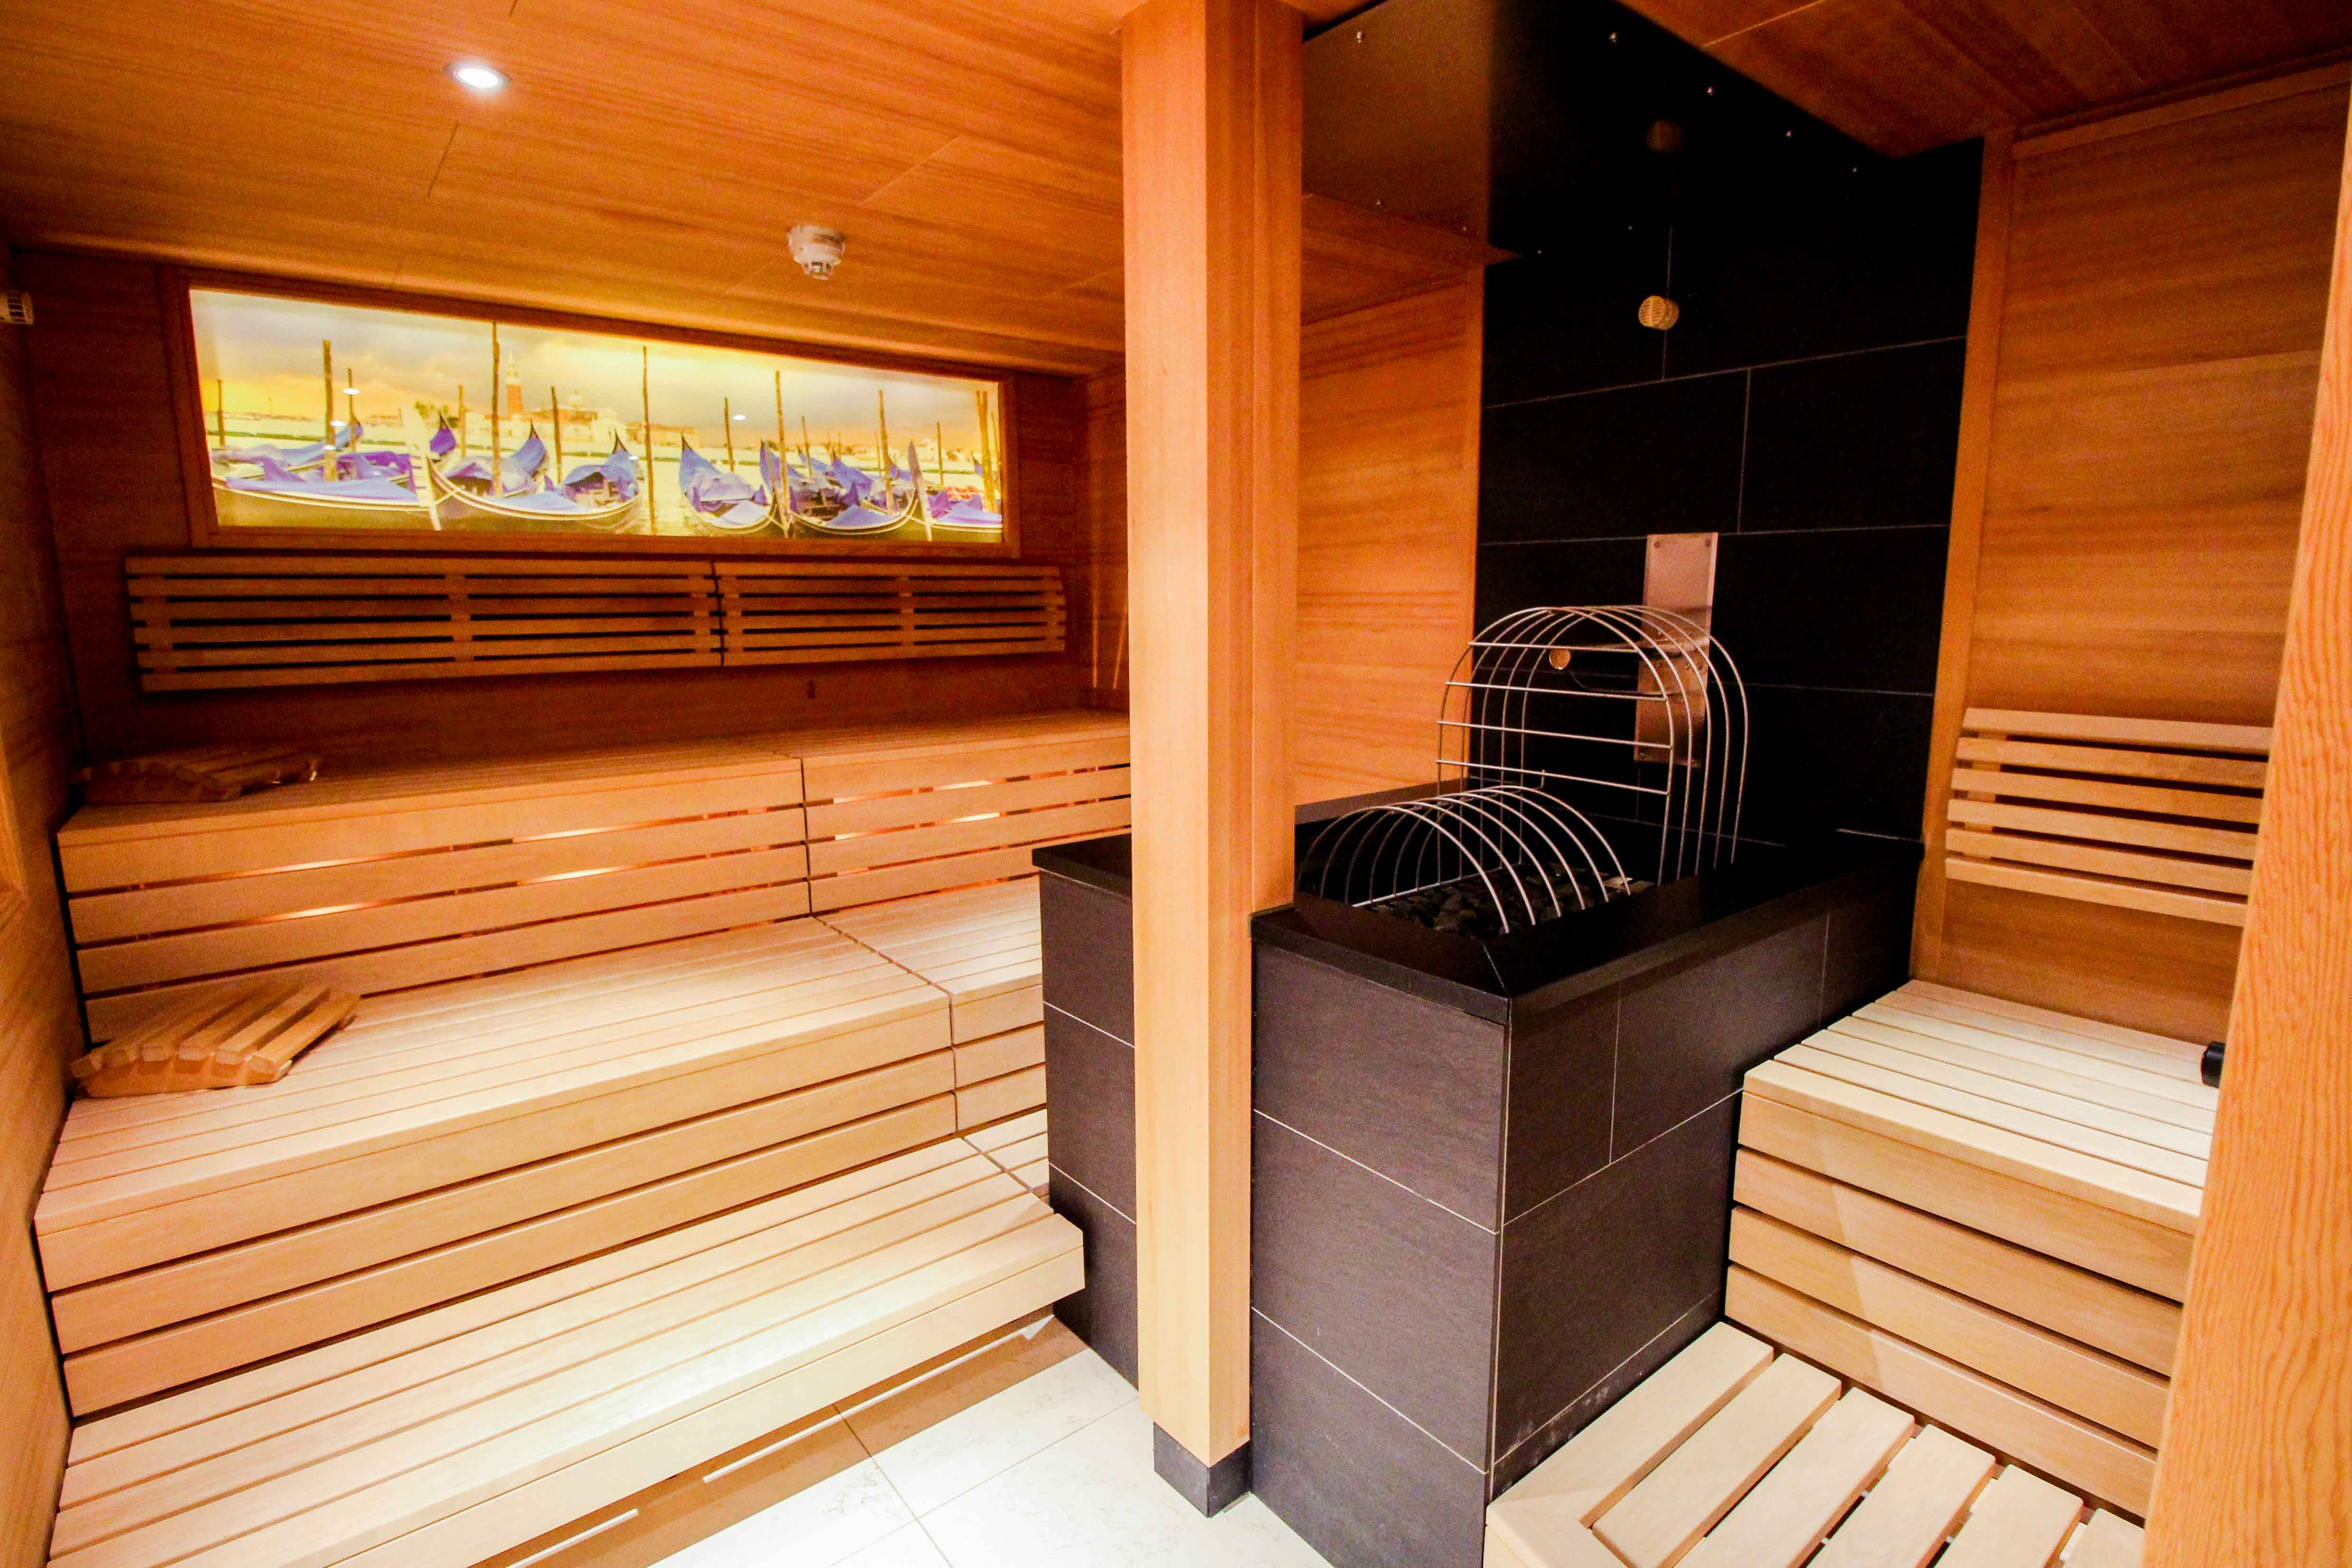 Wellnesshotel Das Central Sölden Wellnessbereich Bio Sauna Kräutersauna Wasserwelt Venezia Sölden Tirol Österreich Reiseblog